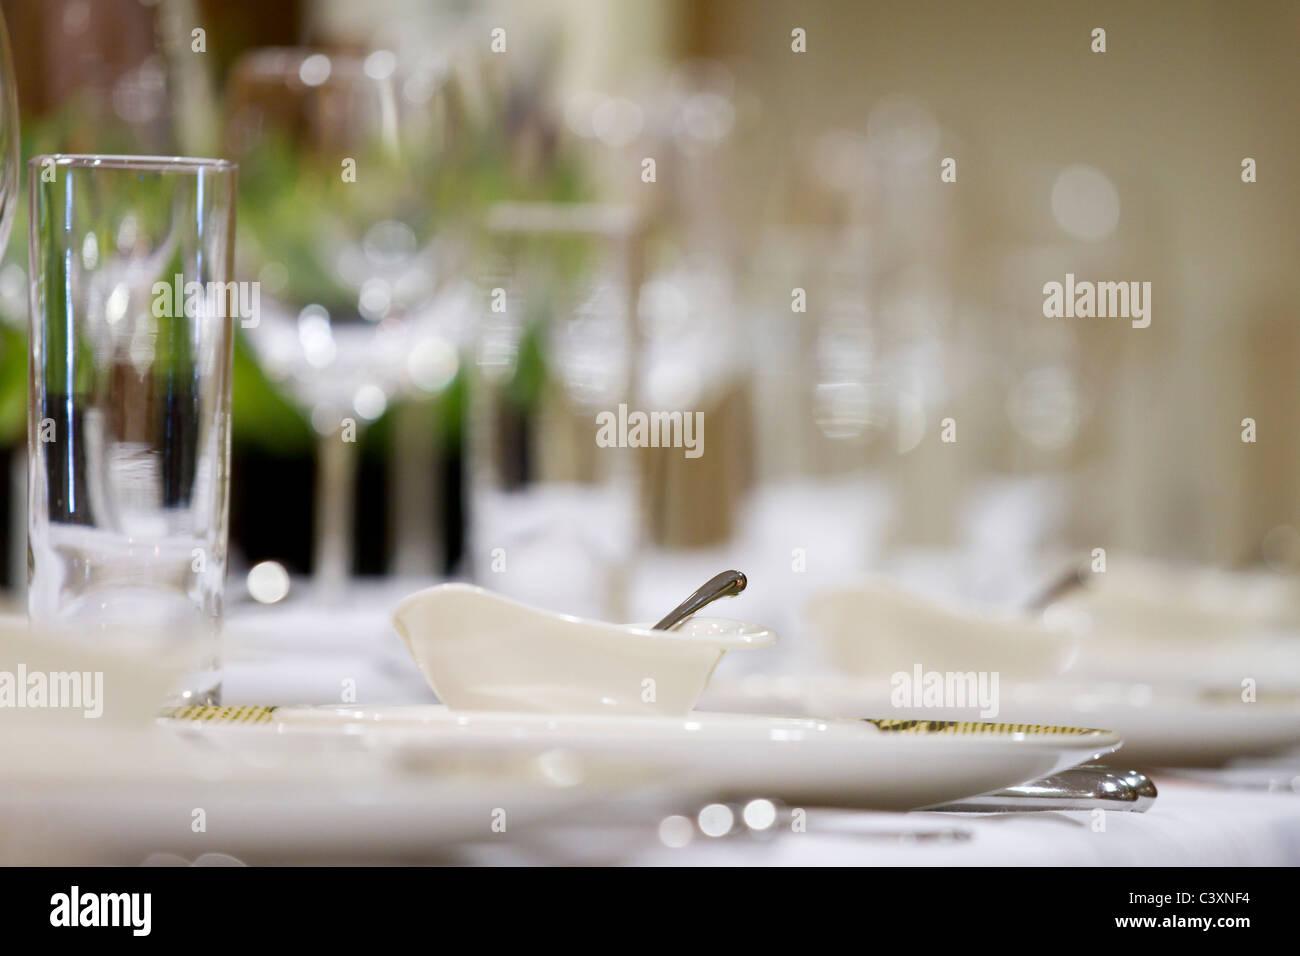 Un ristorante raffinato. Bicchieri di vino su una tavola. Immagini Stock